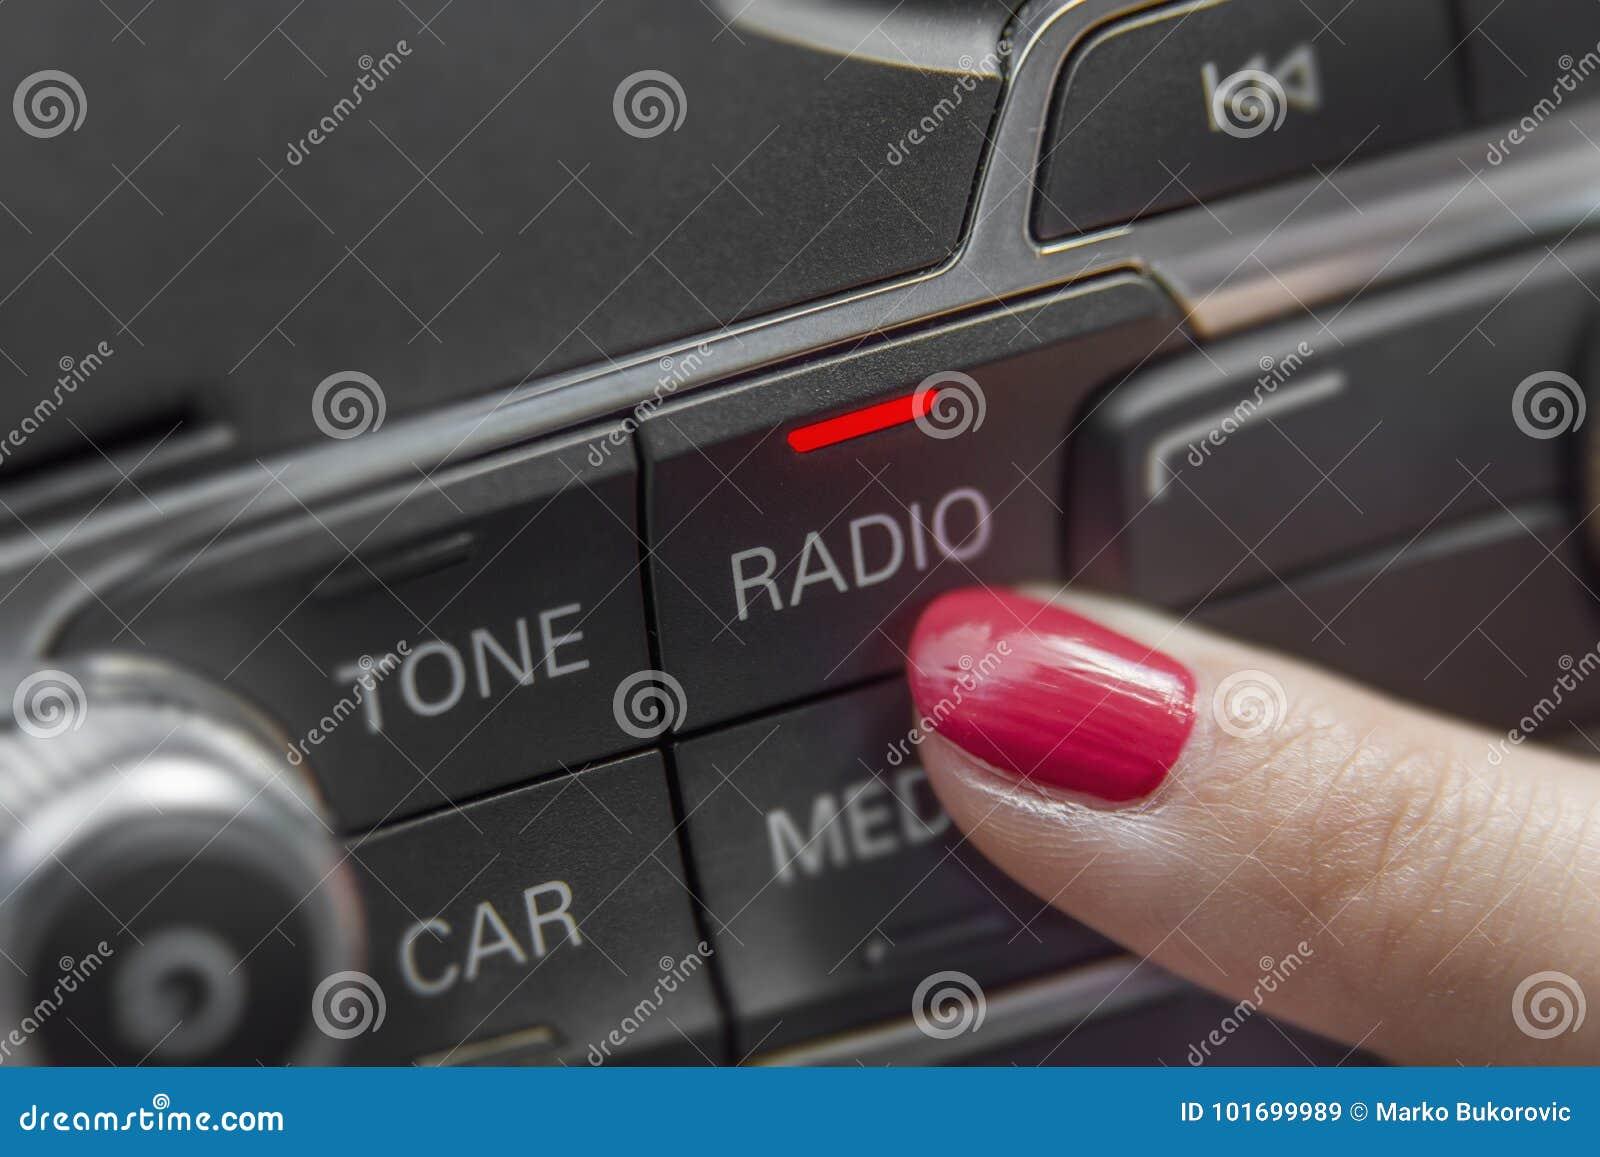 För bilradio för flicka trängande stereo- panel och modern instrumentbrädautrustning